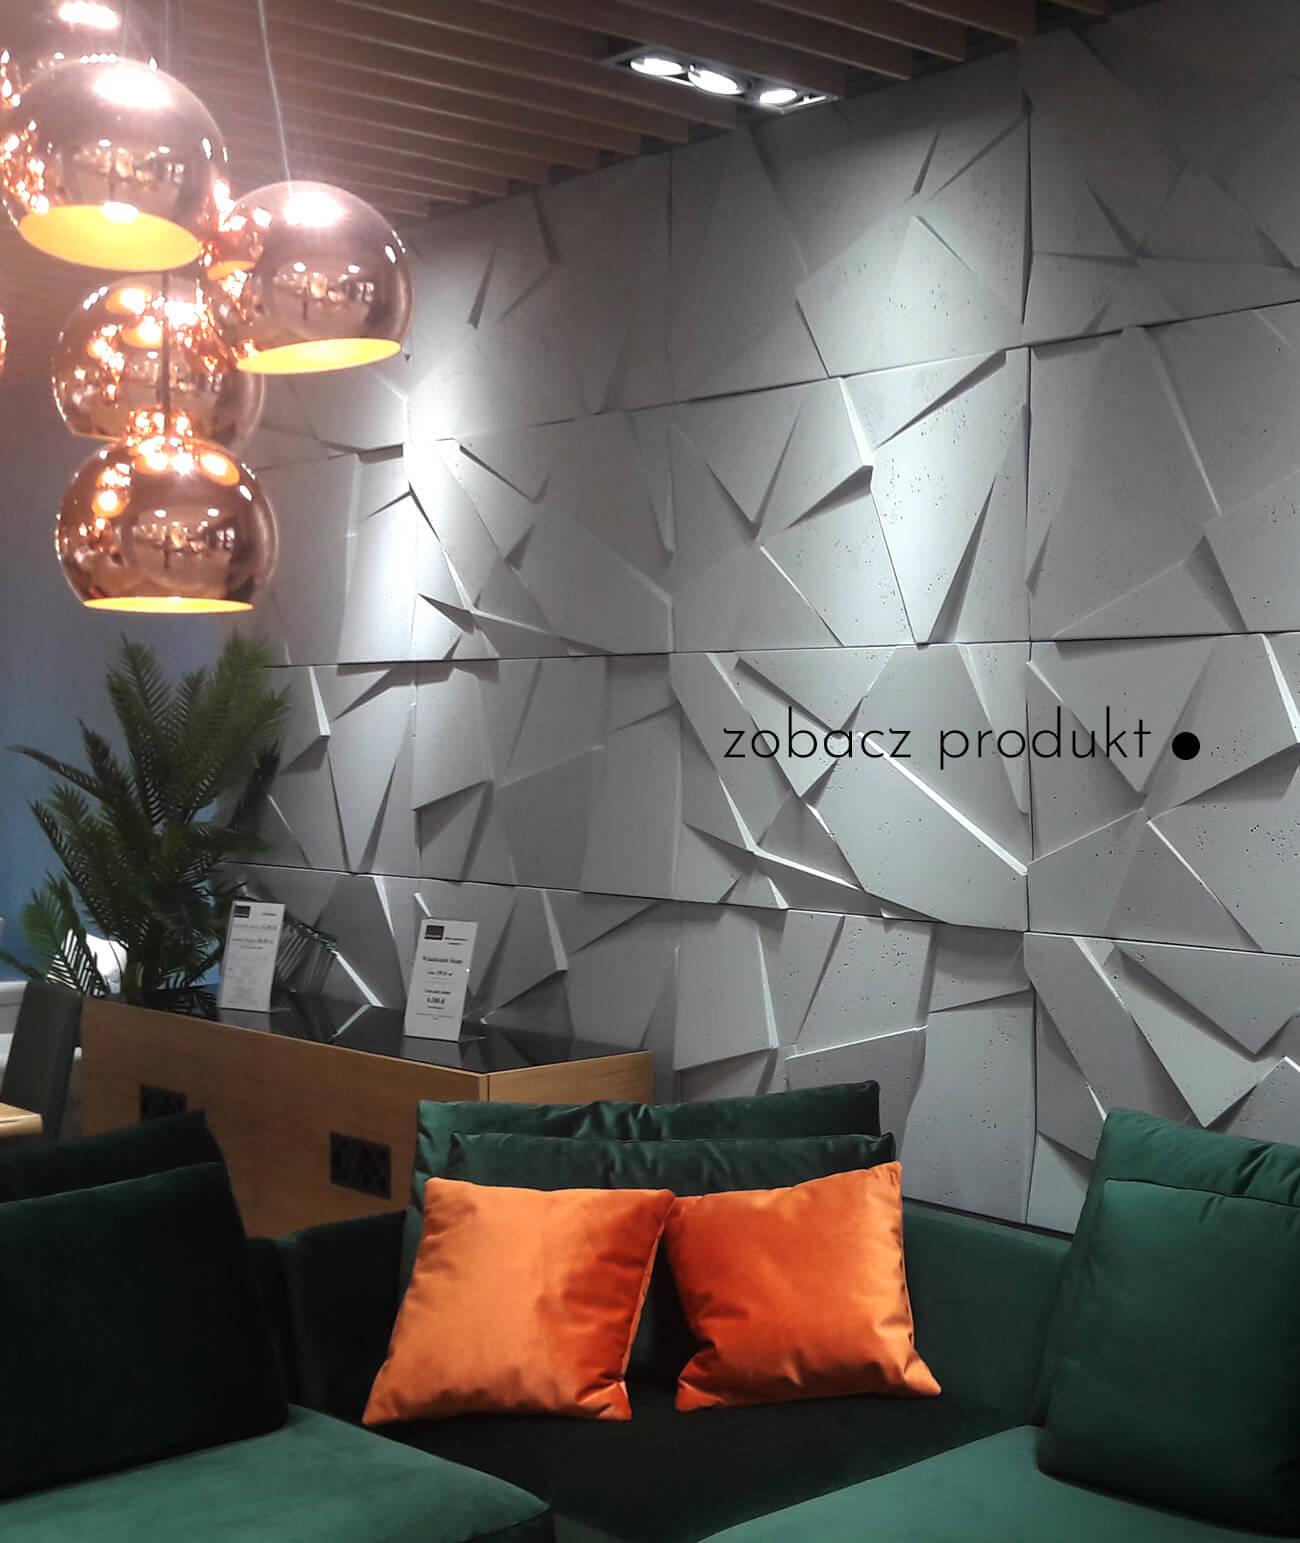 panele-betonowe-3d-scienne-i-elewacyjne-beton-architektoniczny_323-1708-pb05-s50-jasny-szary-mysi-krysztal---panel-dekor-3d-beton-architektoniczny-panel-scienny